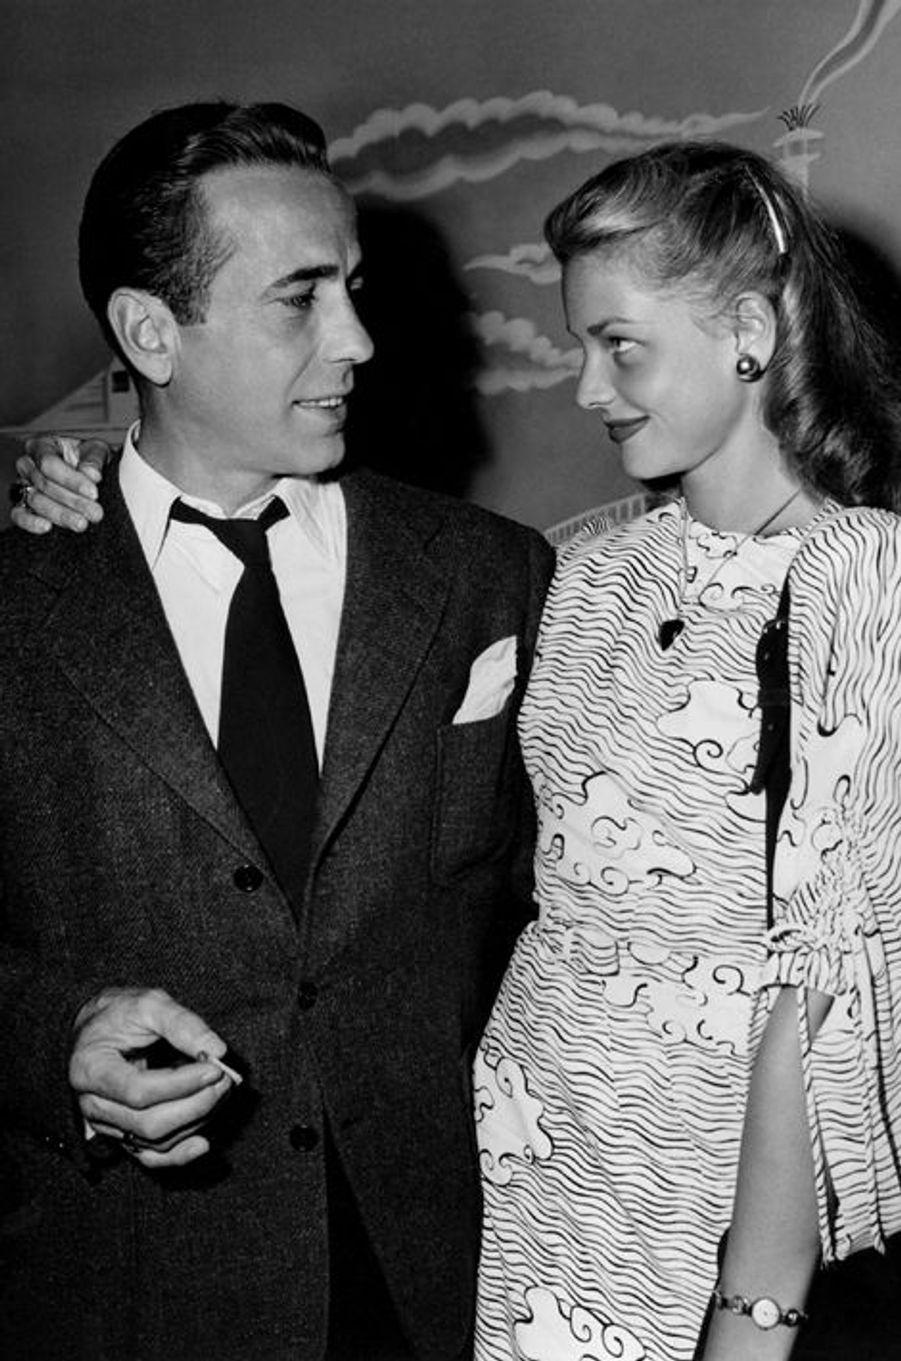 """Le réalisateur Howard Hawkes impose à Humphrey Bogart la très jeune Lauren Bacall comme partenaire pour son film """"Le Port de l'angoisse"""" en 1944, après l'avoir repérée en couverture de """"Harper's Bazaar"""". D'abord réfractaire à l'idée de donner la réplique à une inconnue de 19 ans, l'acteur tombe finalement sous son charme. Malgré leurs 26 ans d'écart, ils se marient au printemps 1945 et resteront ensemble jusqu'au décès de l'acteur, en 1957."""